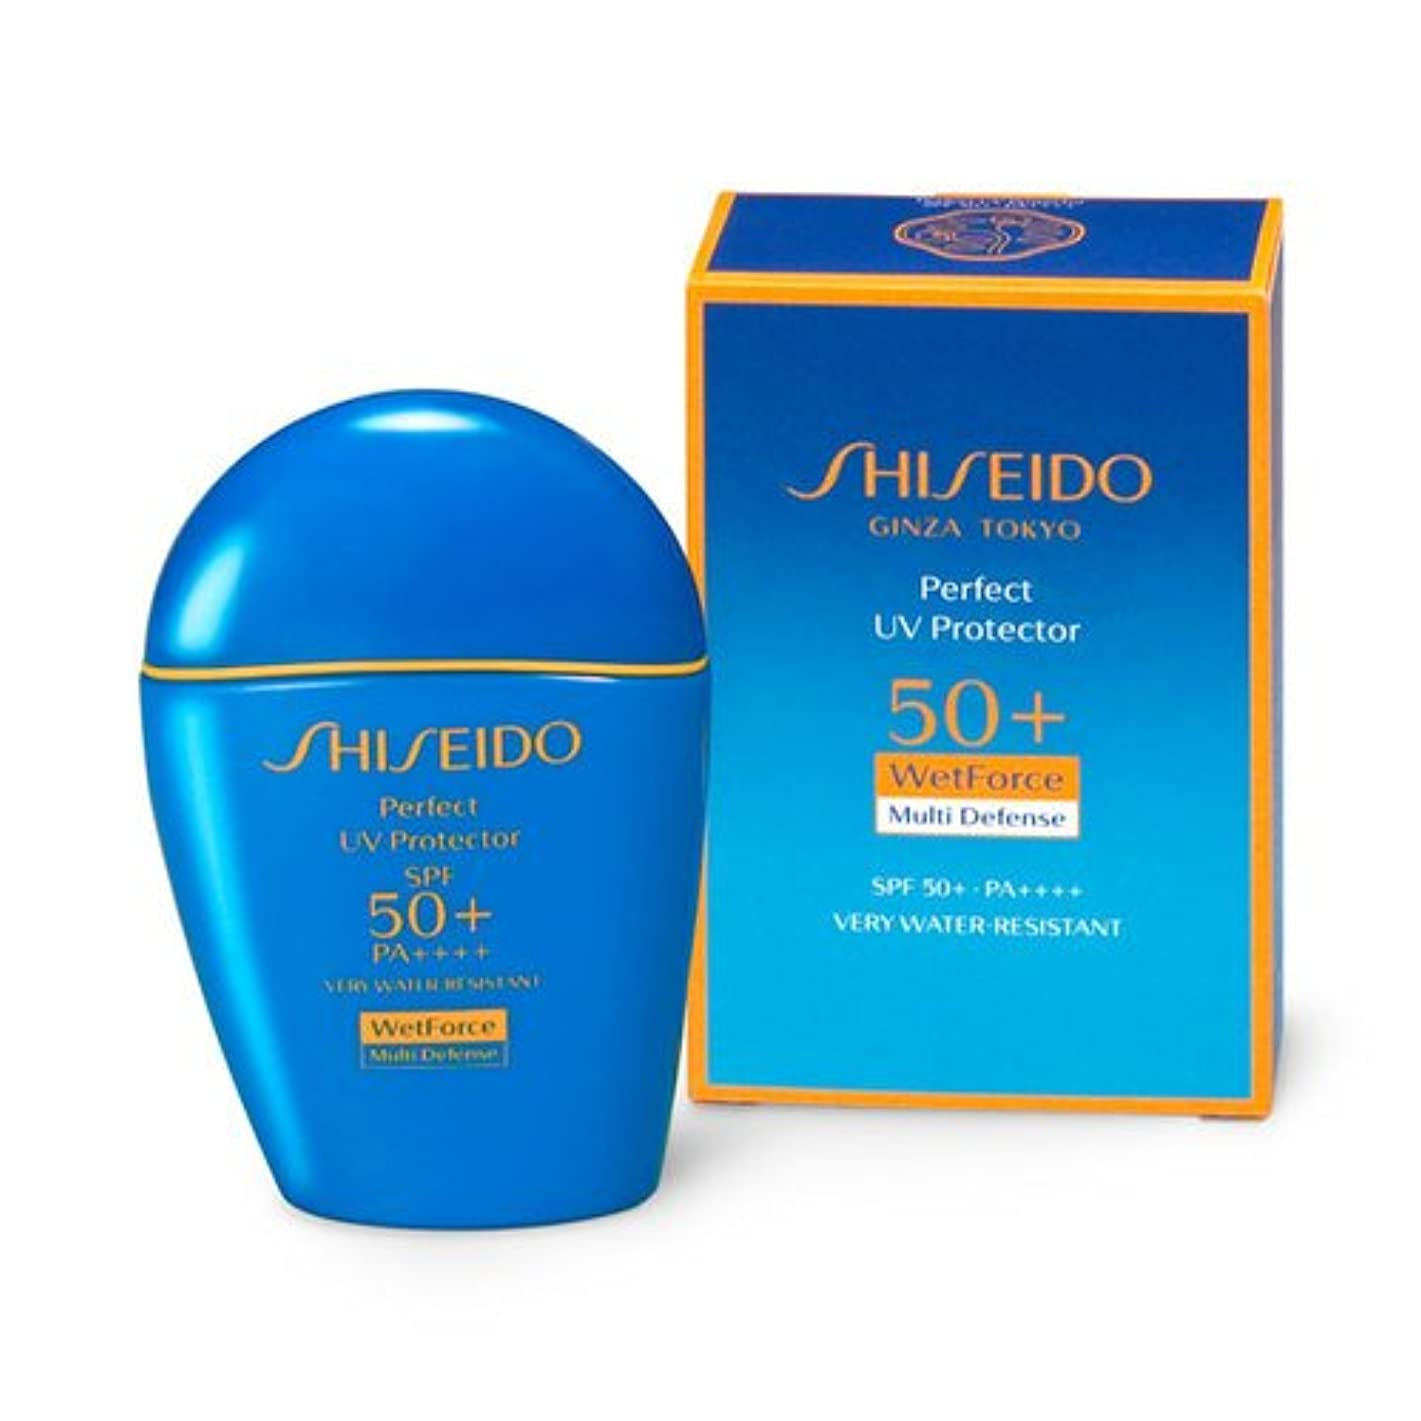 あいまいな好ましいグラディスSHISEIDO Suncare(資生堂 サンケア) SHISEIDO(資生堂) パーフェクト UVプロテクター 50mL